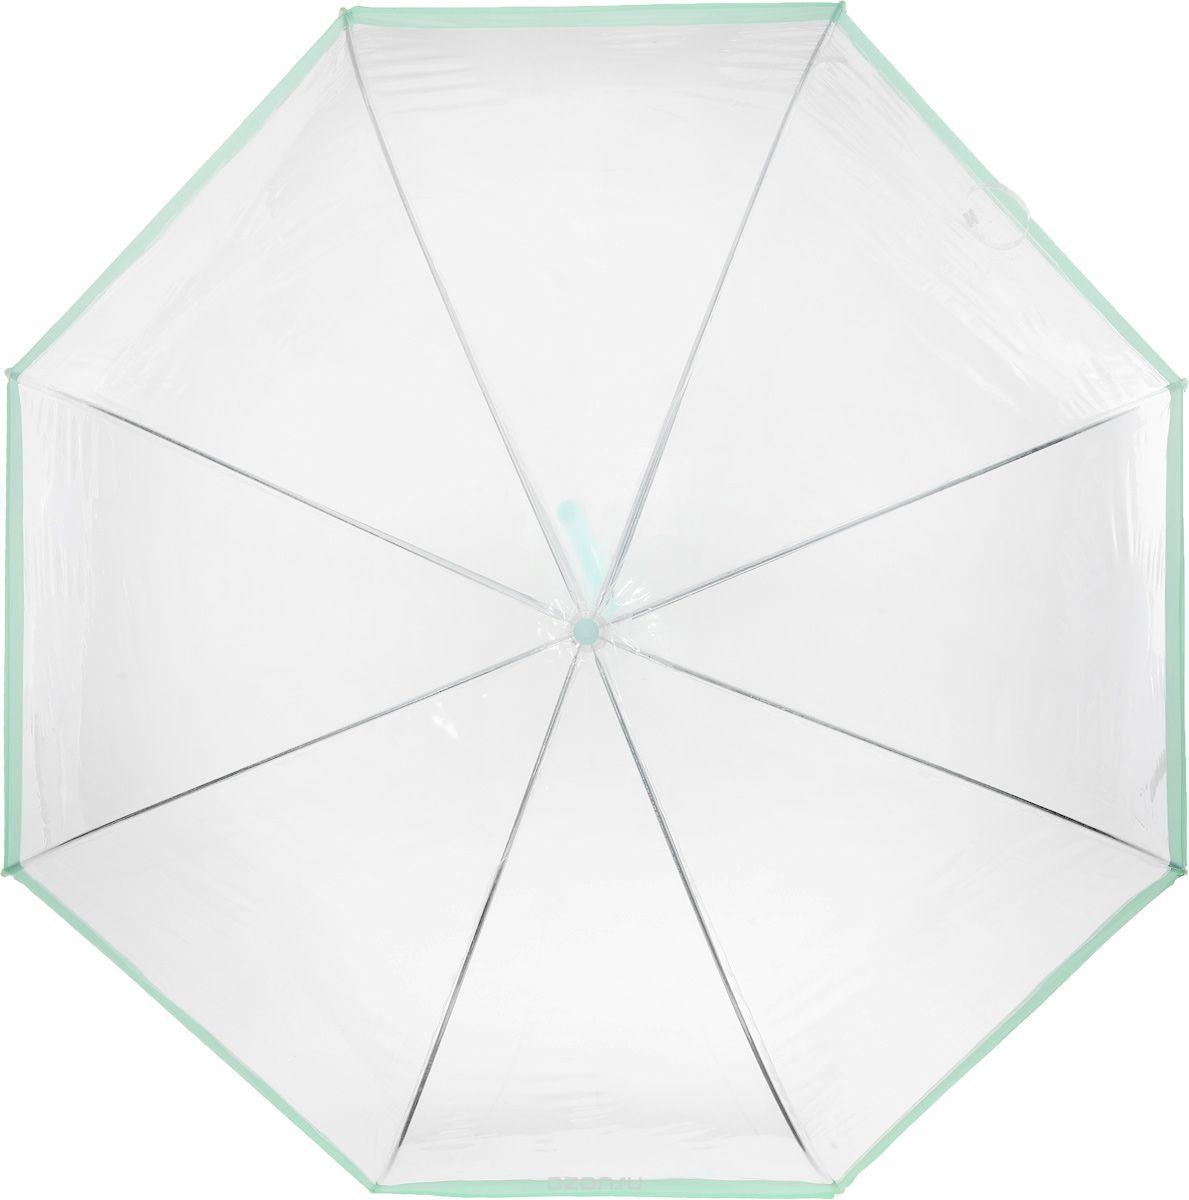 Зонт женский Эврика Прозрачный купол, цвет: прозрачный, салатовый. 94863